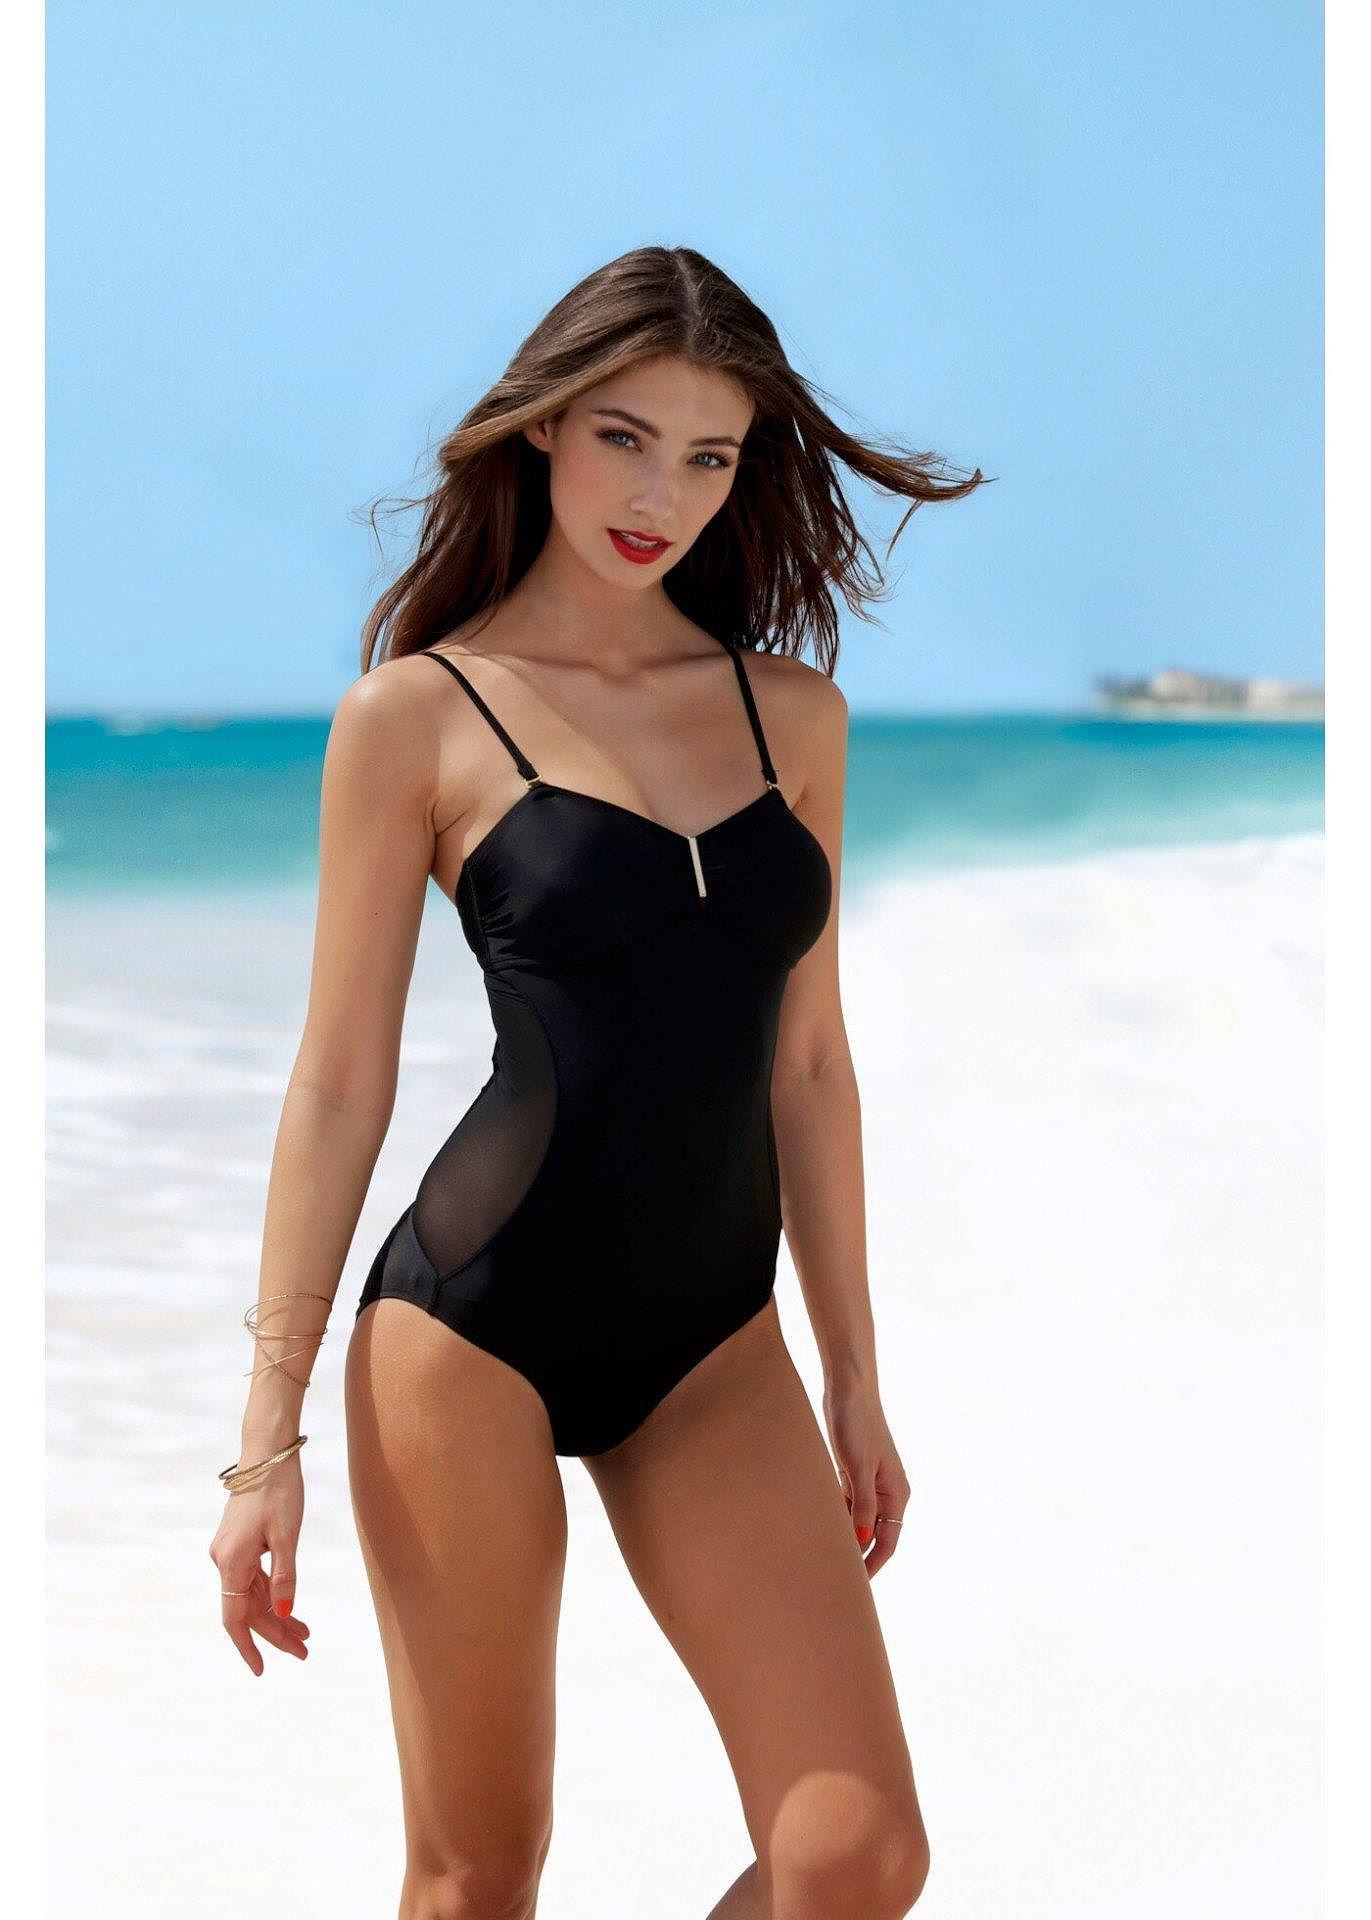 Lorena Rae đẹp mê mẩn với bikini - Hình 4